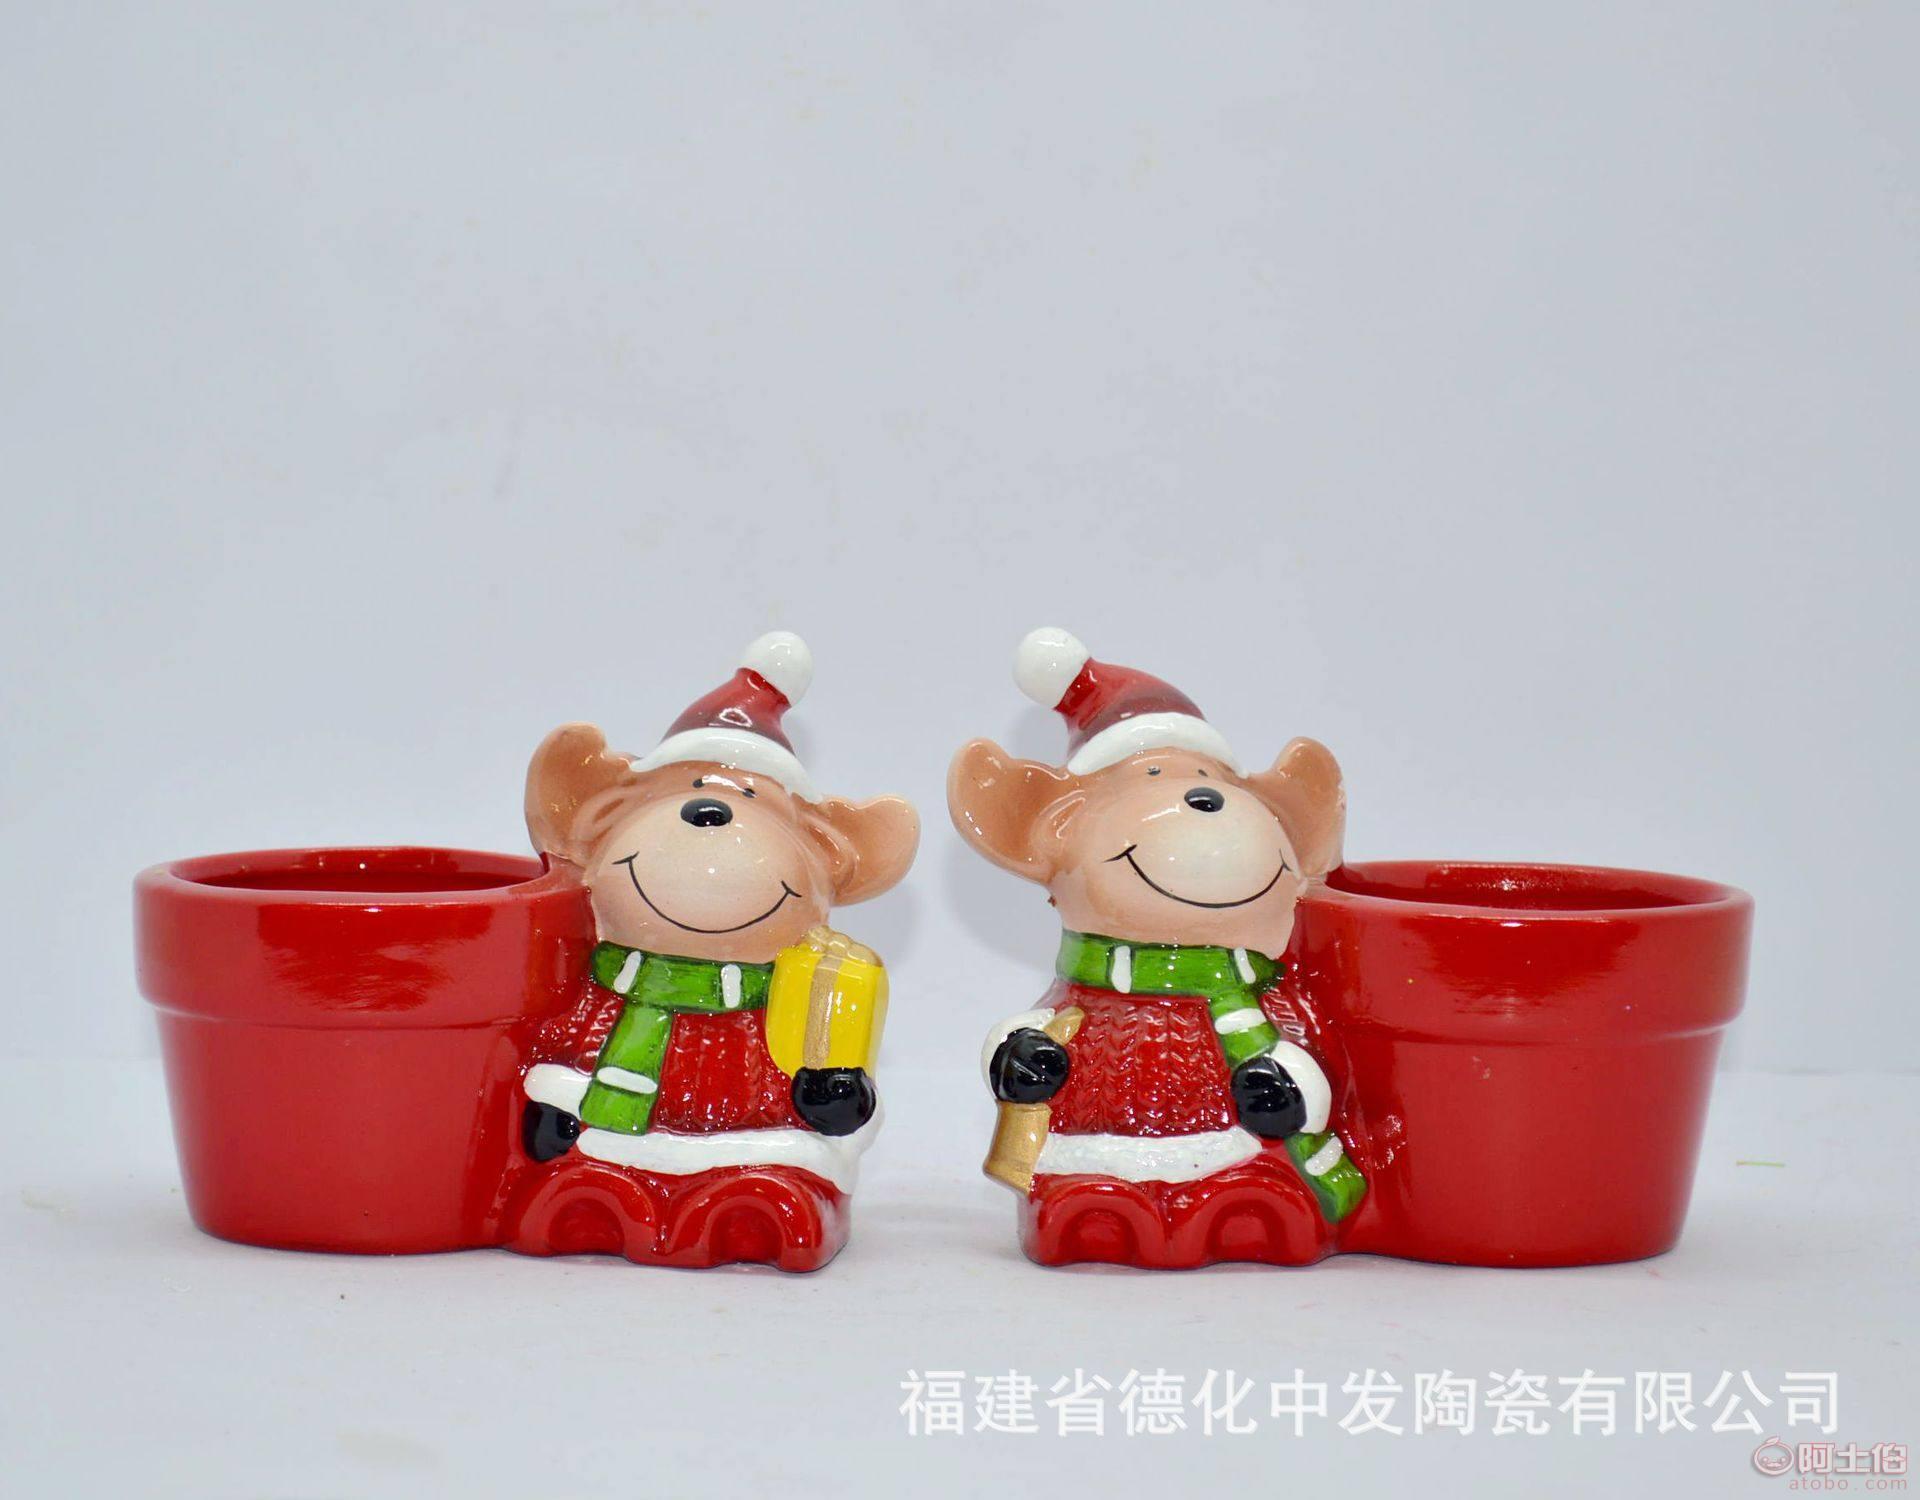 中发外贸欧美家居简约手彩复活节陶瓷圣诞老人多肉花盆厂家直销